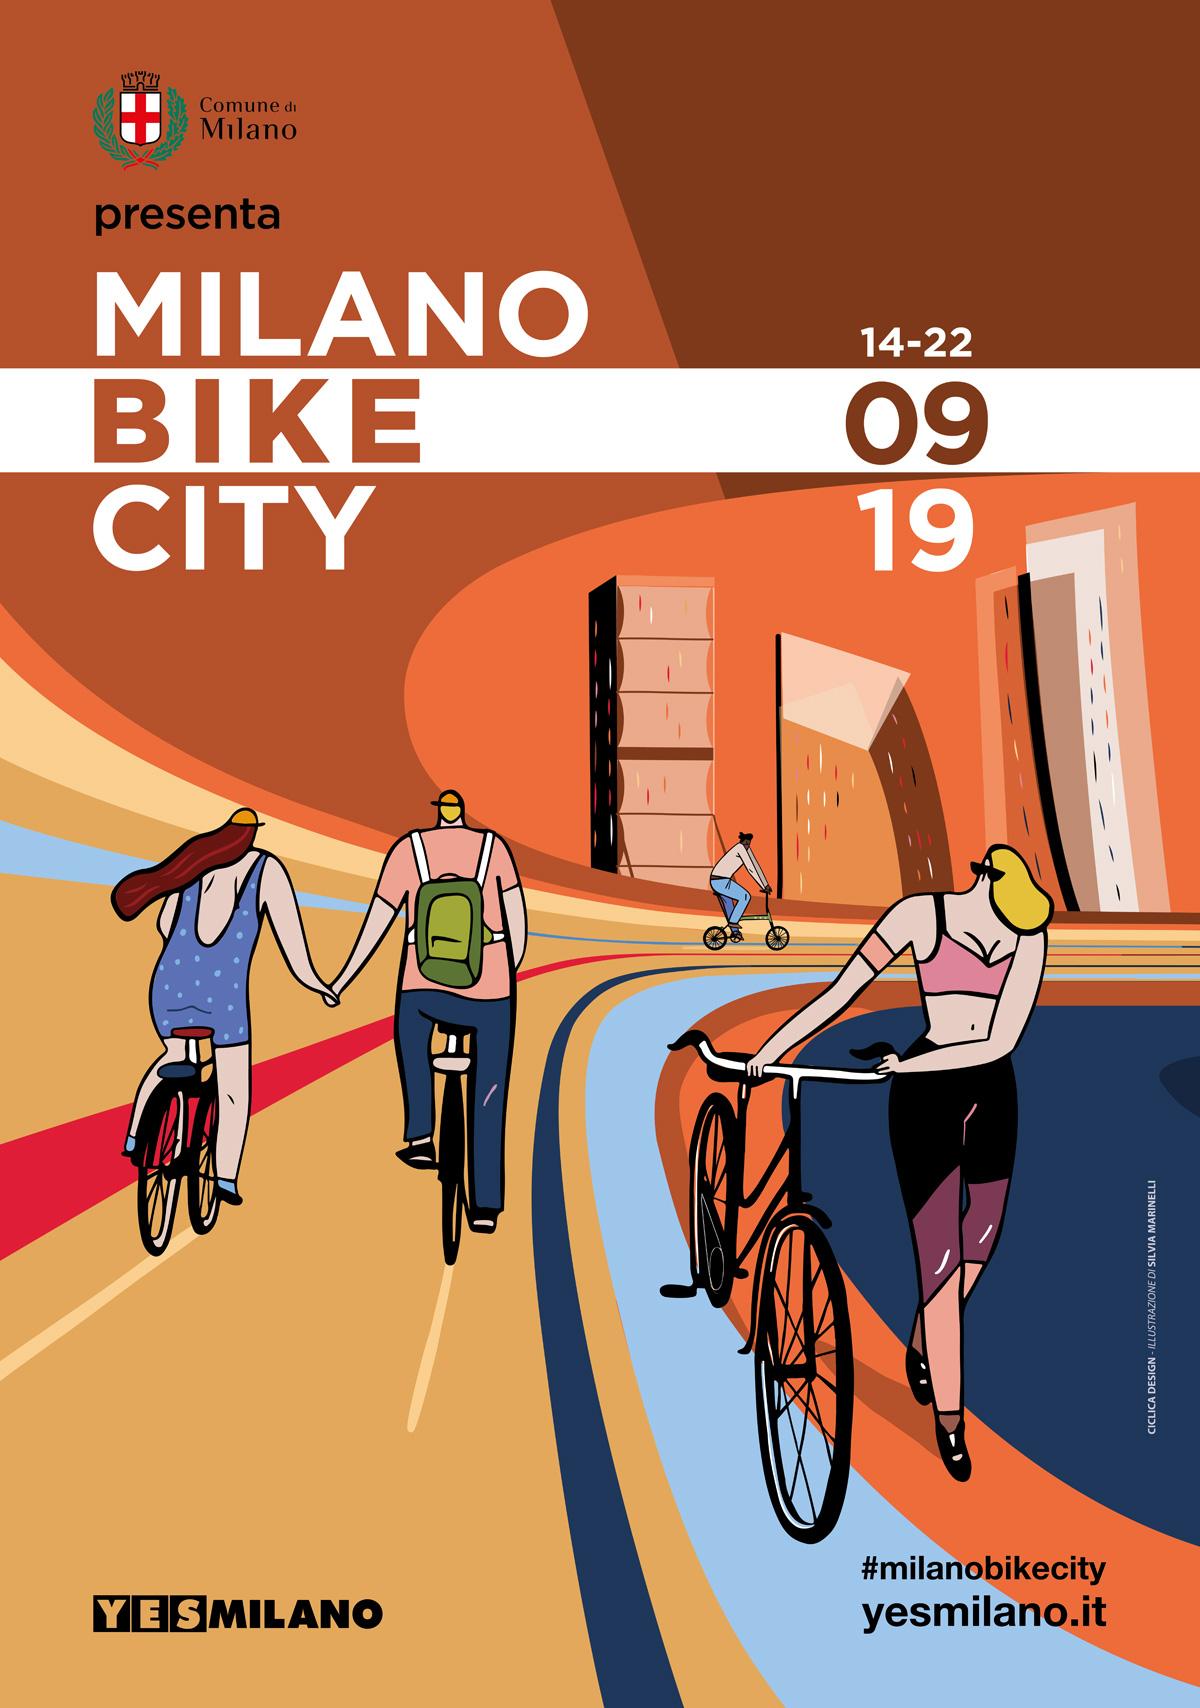 Locandina ufficiale alternativa per Milano Bike City 2019